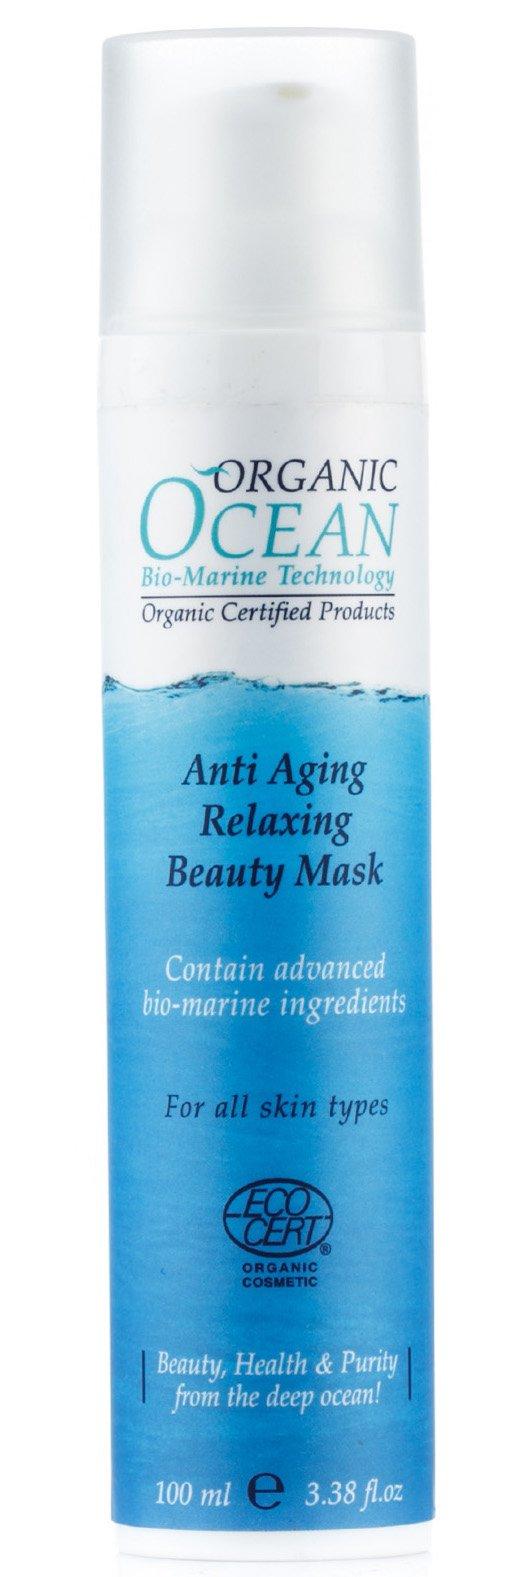 Organic OceanOrganic Ocean<br>Производство: Израиль &amp;lt;p&amp;gt;Расслабляющая маска смягчает, увлажняет и успокаивает самую чувствительную кожу.&amp;lt;/p&amp;gt;.<br>        <br>Маска эффективно смягчает, увлажняет и успокаивает самую чувствительную кожу, восстанавливает ее тонус и эластичность , придает ей свежий и здоровый вид, содержит экстракт красных водорослей, который выводит токсины и защищает клетки кожи от окислительного процесса.<br>Способ применения: после очищения кожи нанести маску на лицо, избегая области вокруг глаз. Держать не менее 10 минут, остатки смыть теплой водой. Применять 1-2 раза в неделю.<br>Состав: сок листьев алоэ, глицерил стеарат цитрат, цетеарил гликозидов отрубей пшеницы, цетиловый и цетеариловый спирты, глицерин растительный, масло ши, оливковое масло, каолин, масло жожоба, цетеариловый оливат, сорбитан оливат, сквален, трикаприлин, экстракт красных водорослей (каррагенан), масло из семян инка-инче, будлеи Давида экстракт, тимьяна обыкновенного экстракт, гиалуроновая кислота, сахаридные изомеризата, ацетат токоферола, пчелиный воск, глицерин каприлат, п-анисовая кислота, бензиловый спирт, бензойная кислота.<br><br>Линейка: Organic Ocean<br>Объем мл: 100<br>Пол: Женский